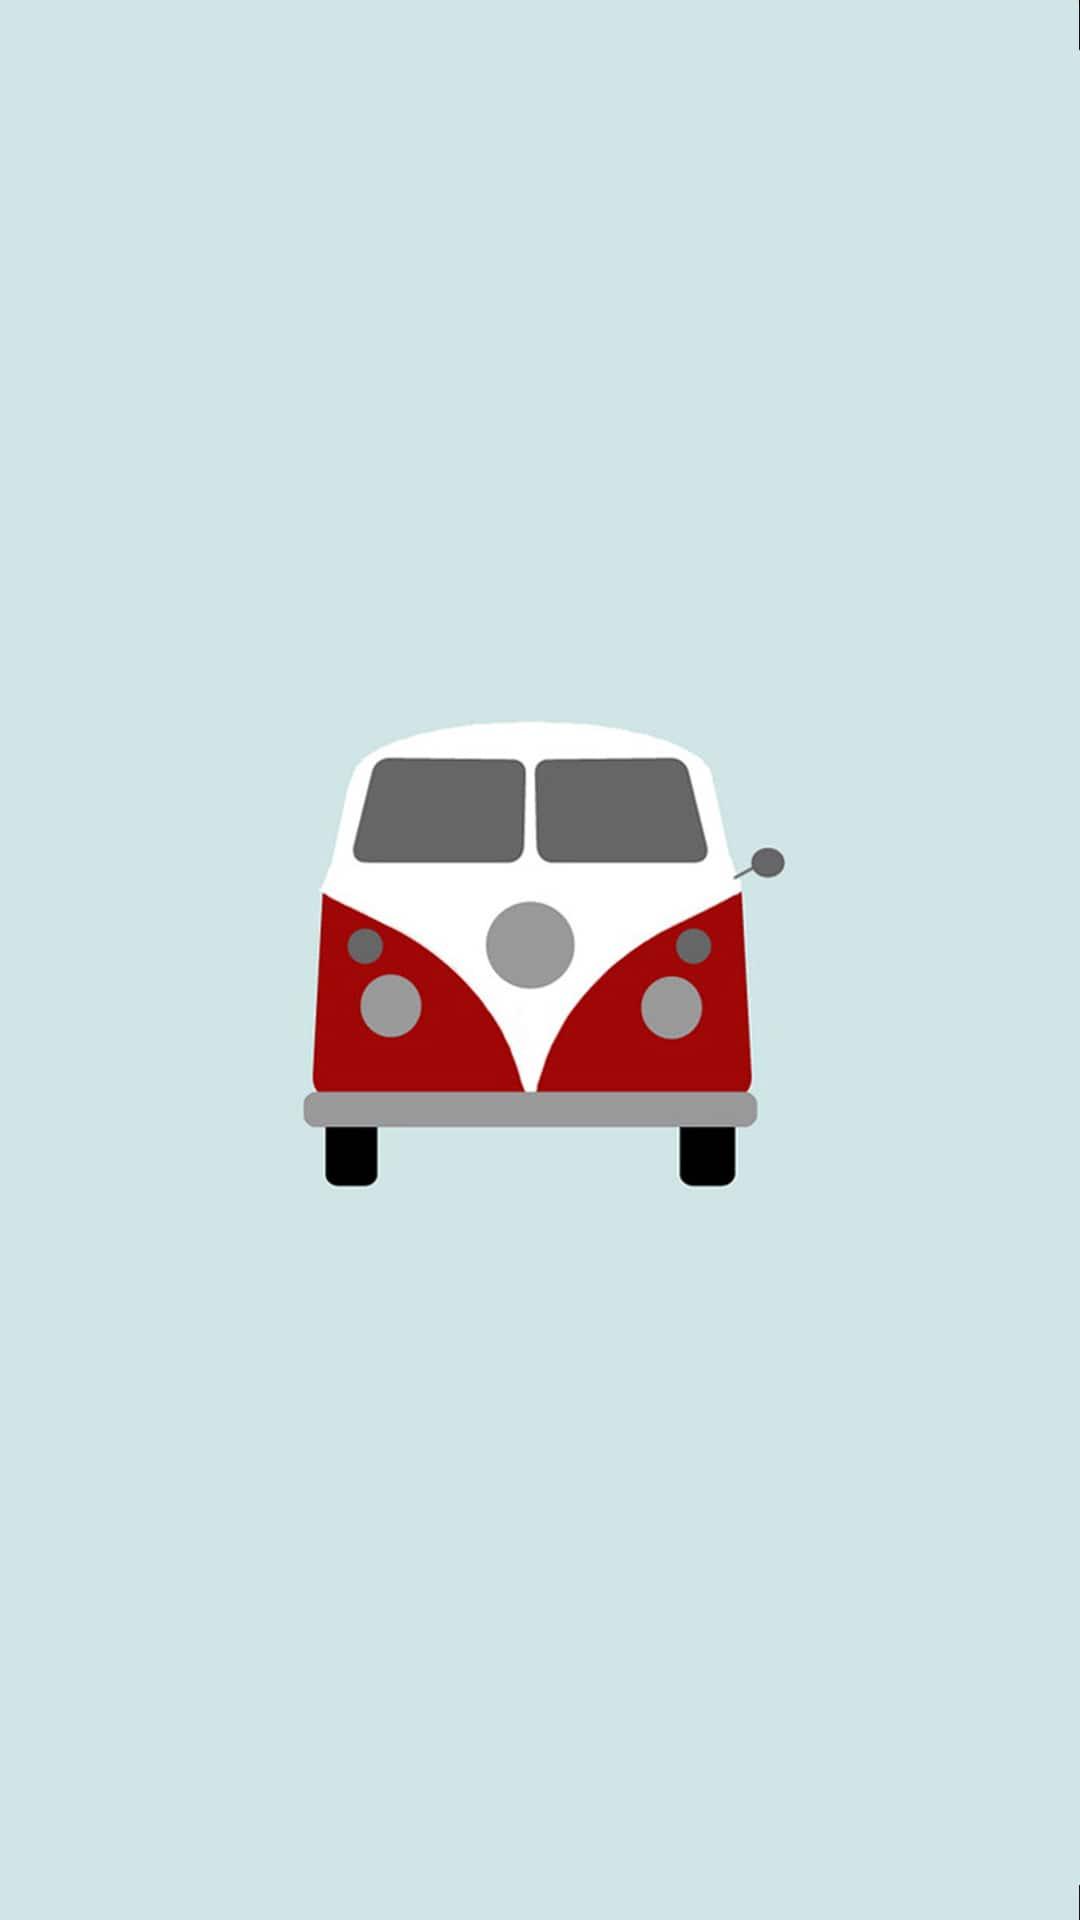 Volkswagen Van 4k Iphone Wallpapers Wallpaper Cave